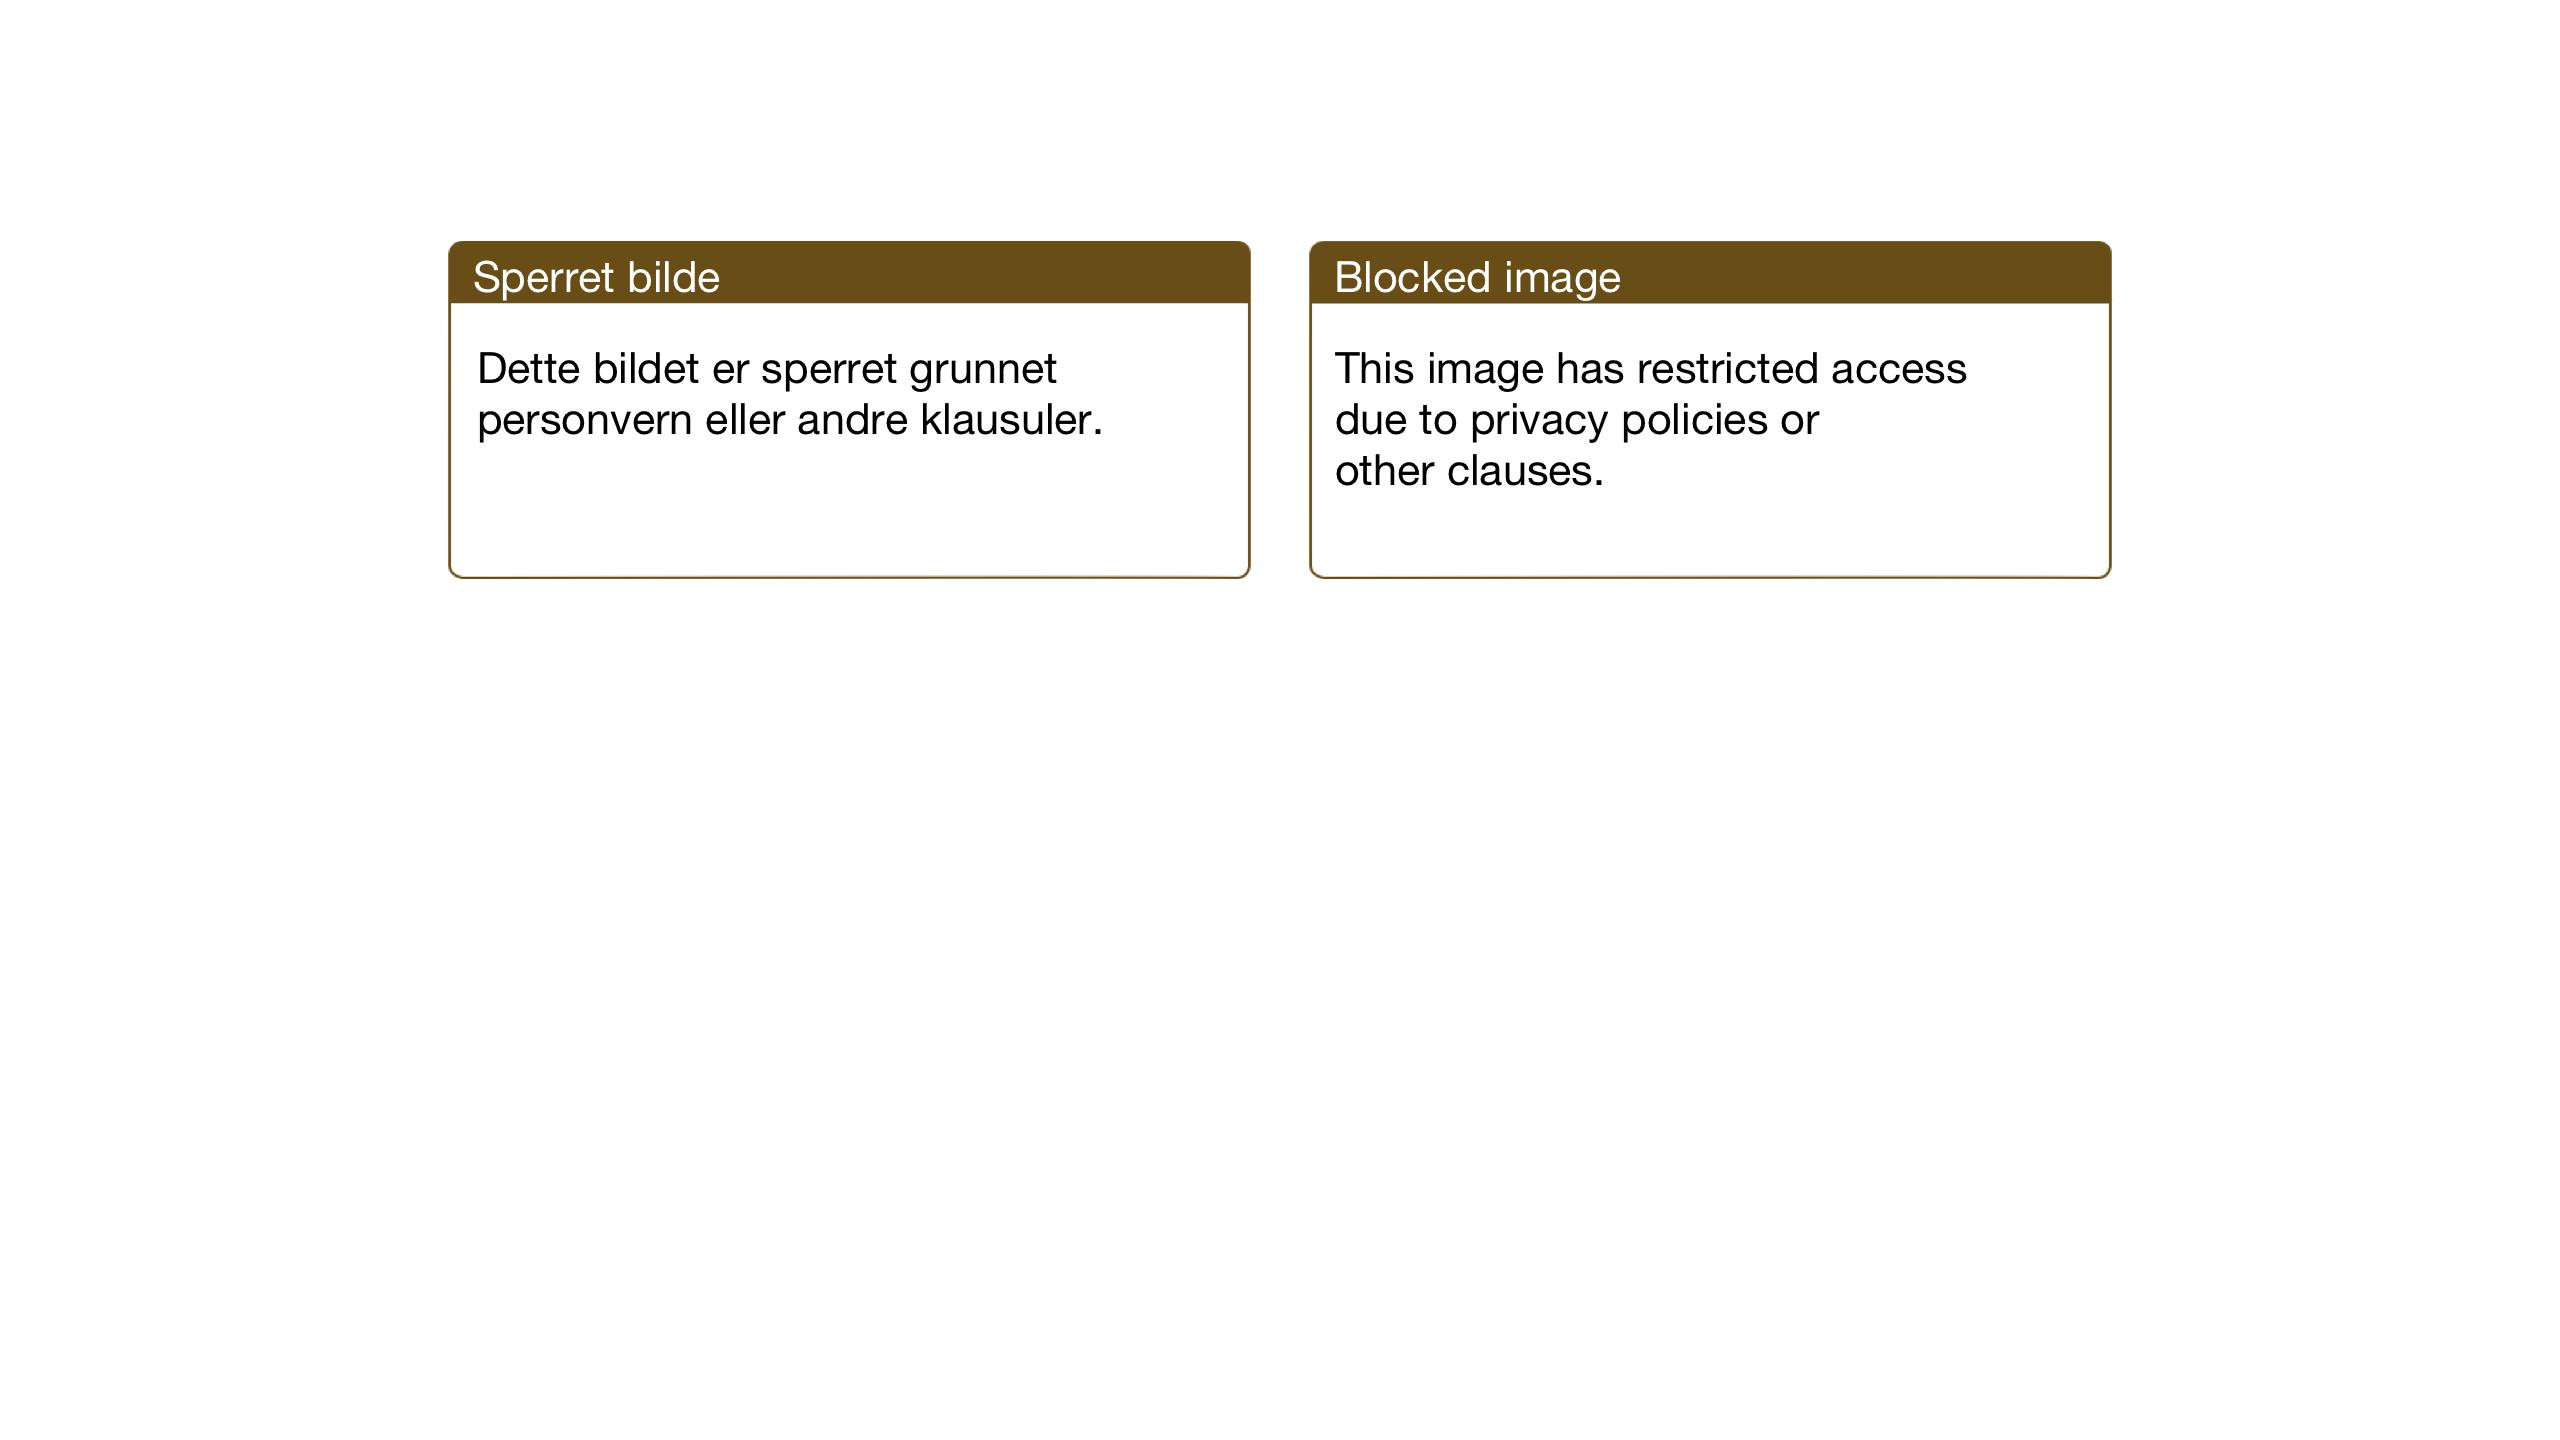 SAT, Ministerialprotokoller, klokkerbøker og fødselsregistre - Sør-Trøndelag, 637/L0563: Klokkerbok nr. 637C04, 1899-1940, s. 89